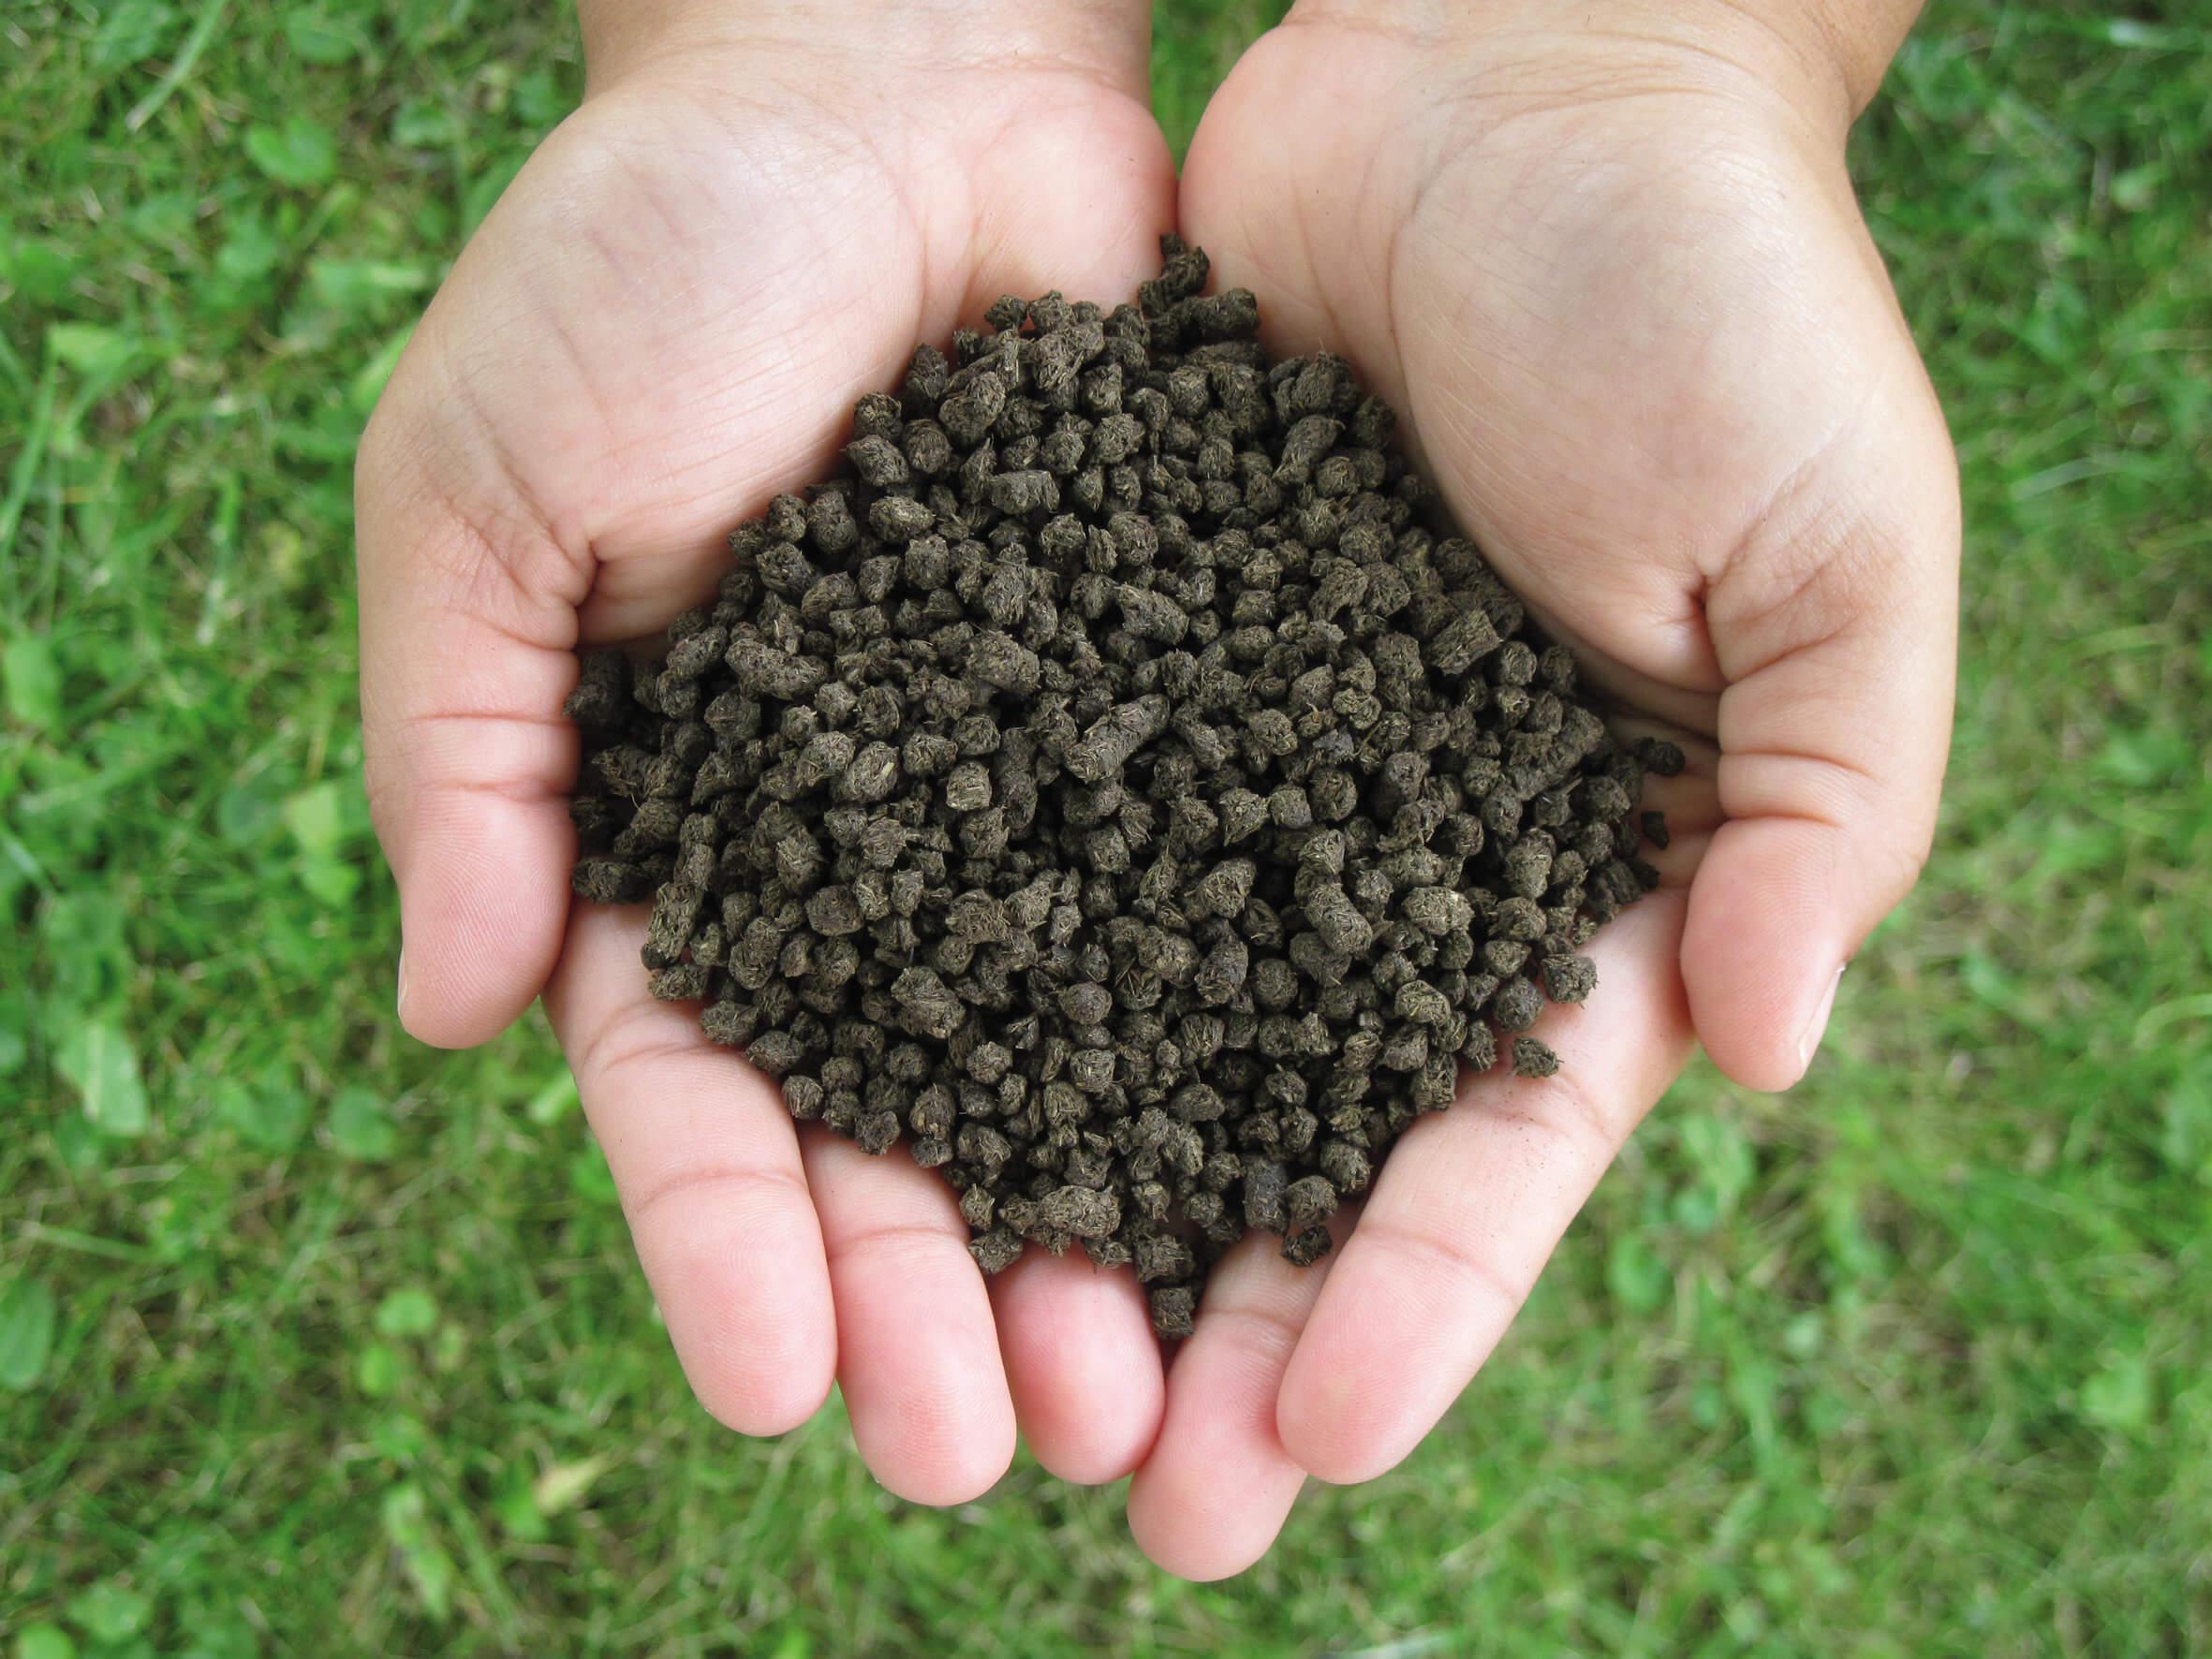 jenis pupuk kandang untuk tanaman mangga